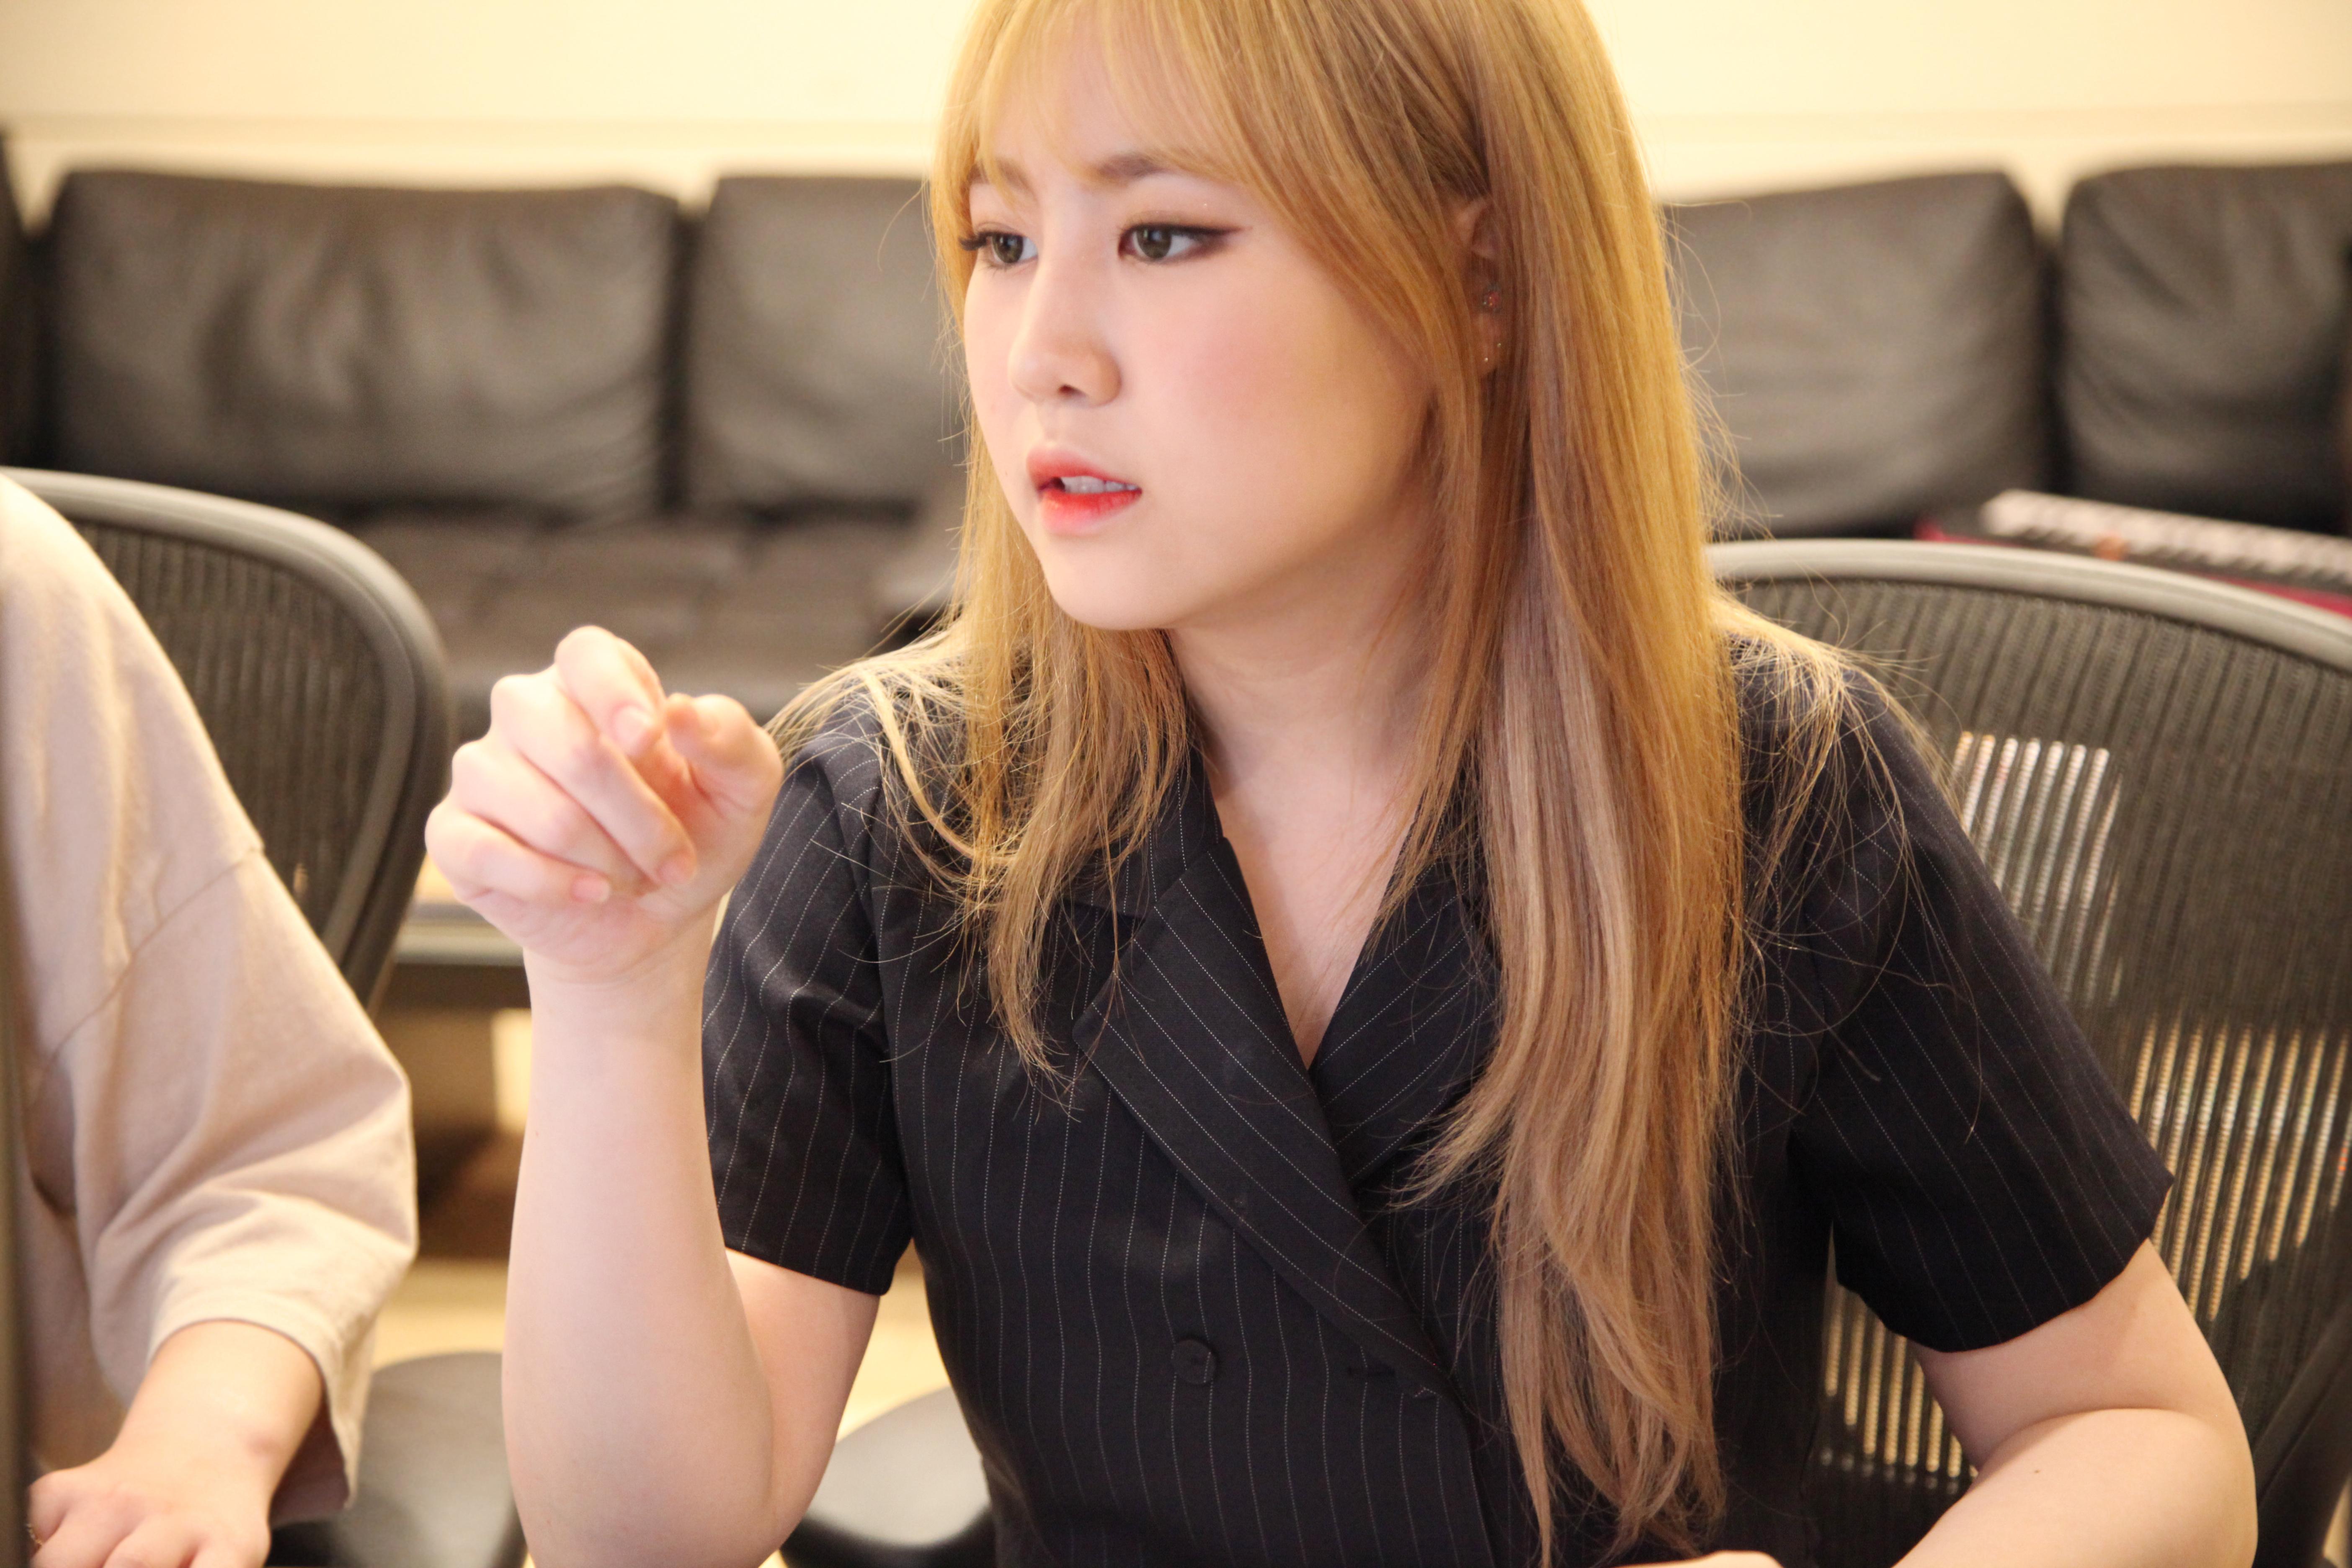 19에서 20, 아티스트로 성장한 박지민의 솔로 앨범 작업기